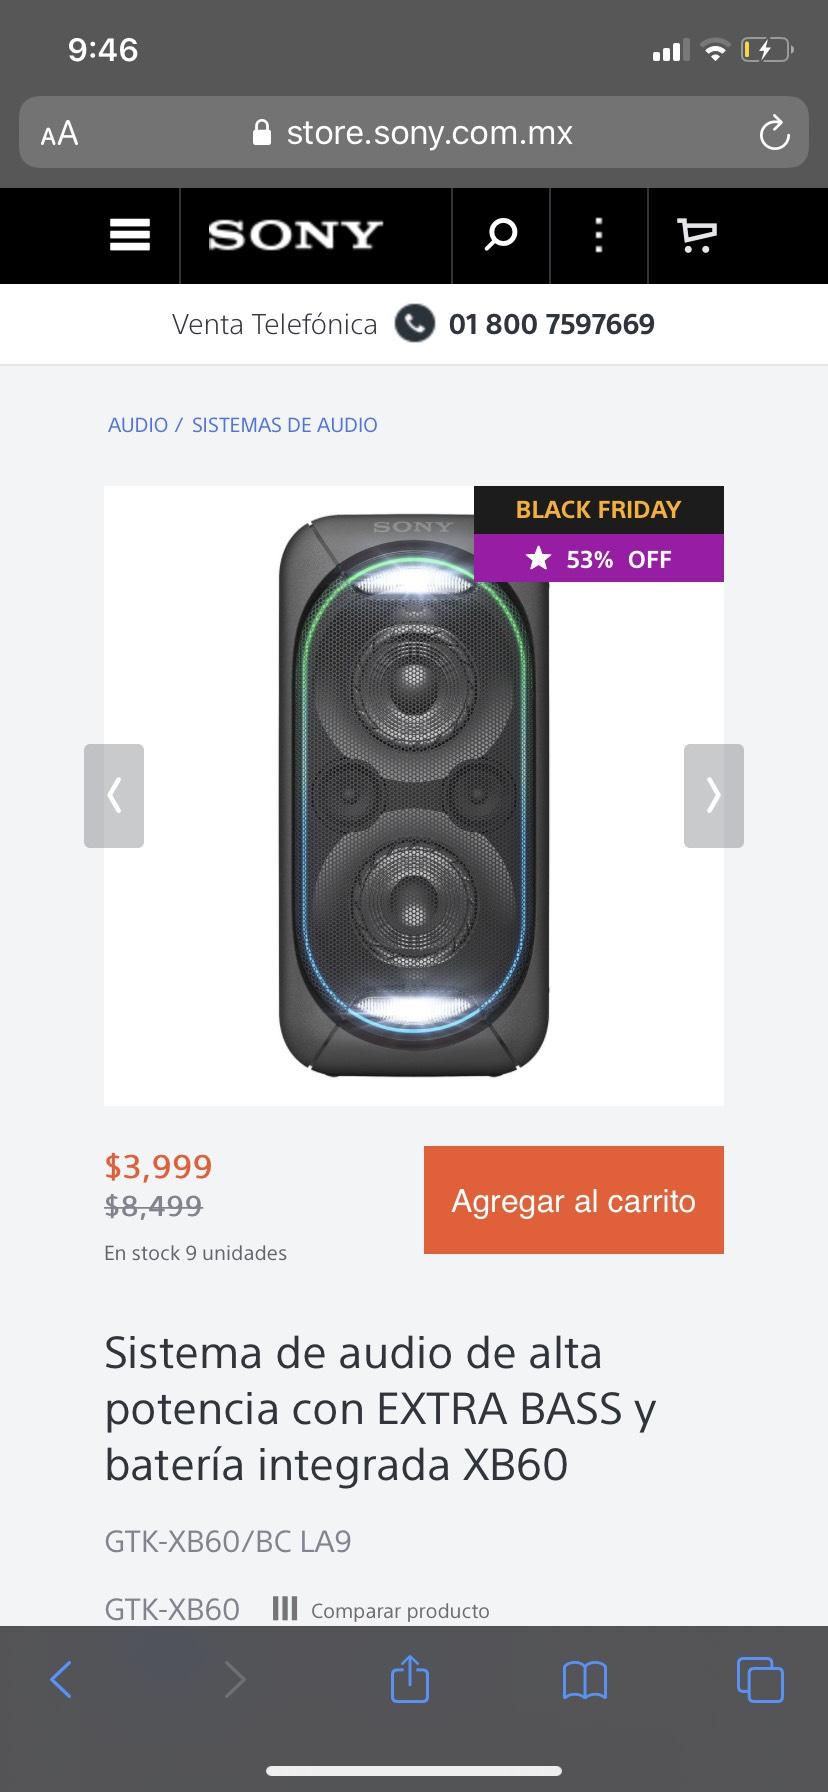 Sony Store: Sistema de audio de alta potencia con EXTRA BASS y batería integrada XB60